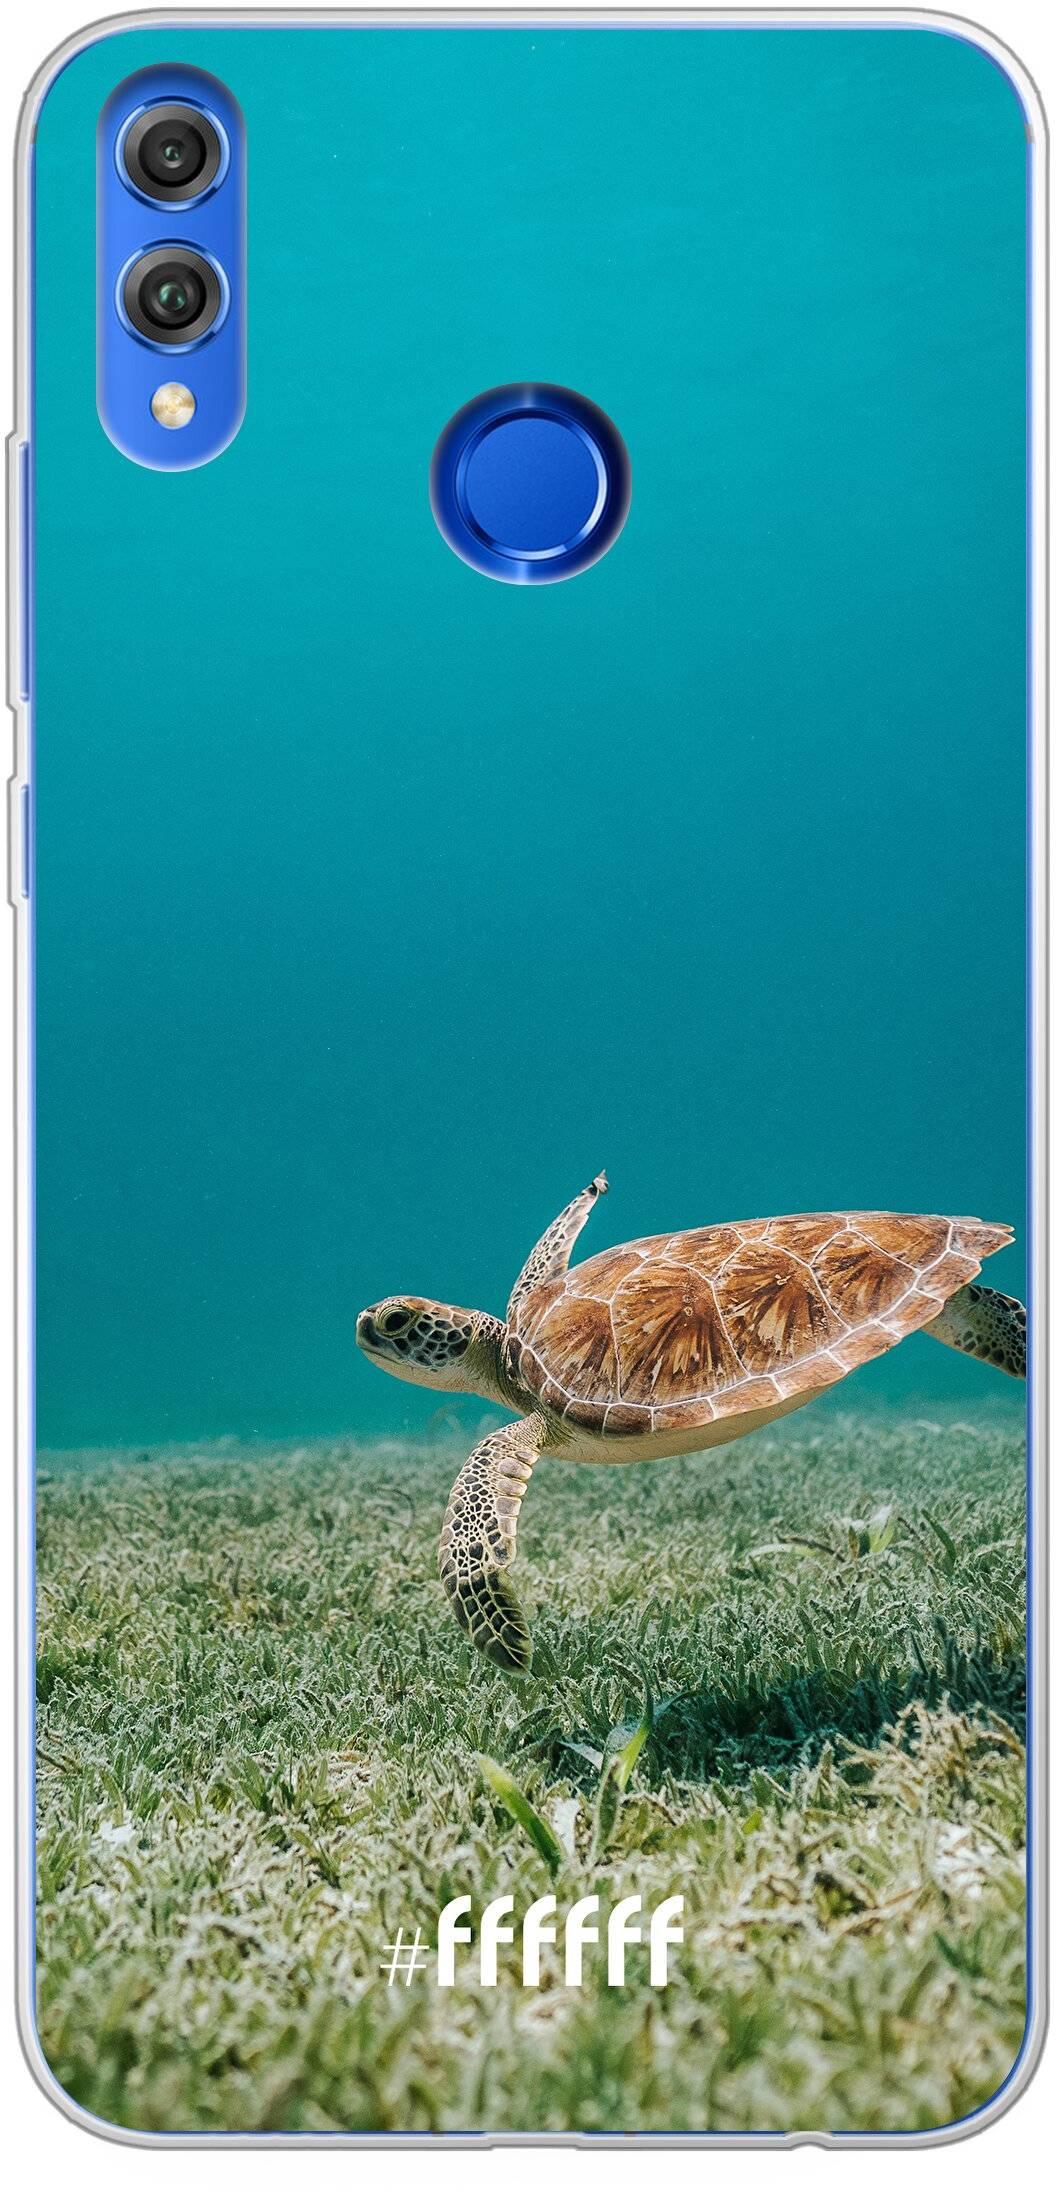 Turtle 8X